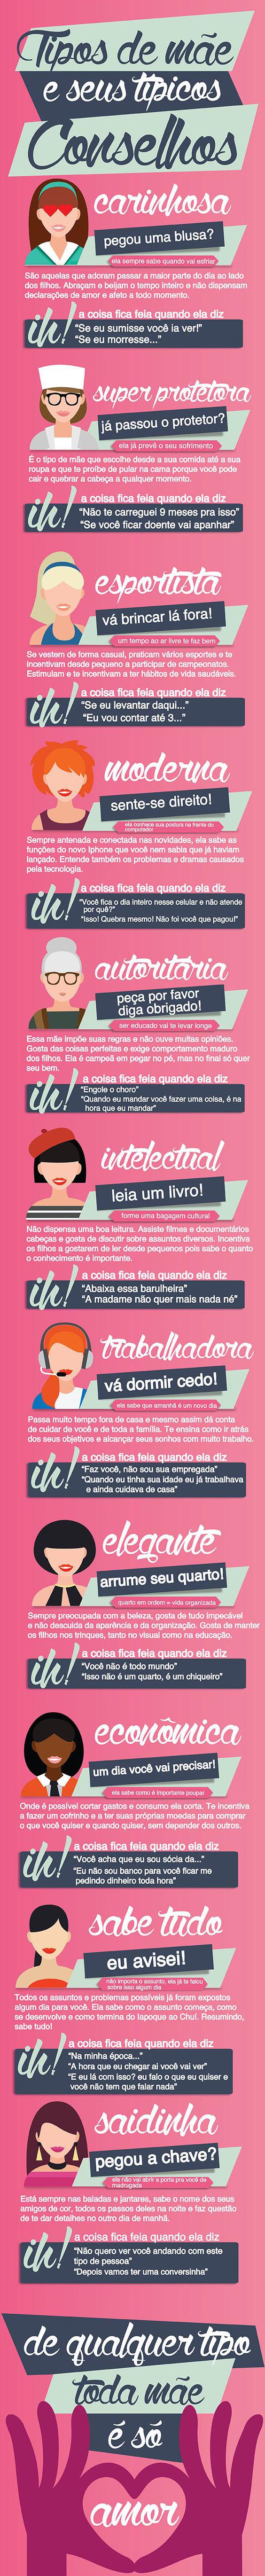 Tipos de mães, vale a pena ler. #PassoaPassoCalçados #Diadasmães http://bit.ly/1SFDpne